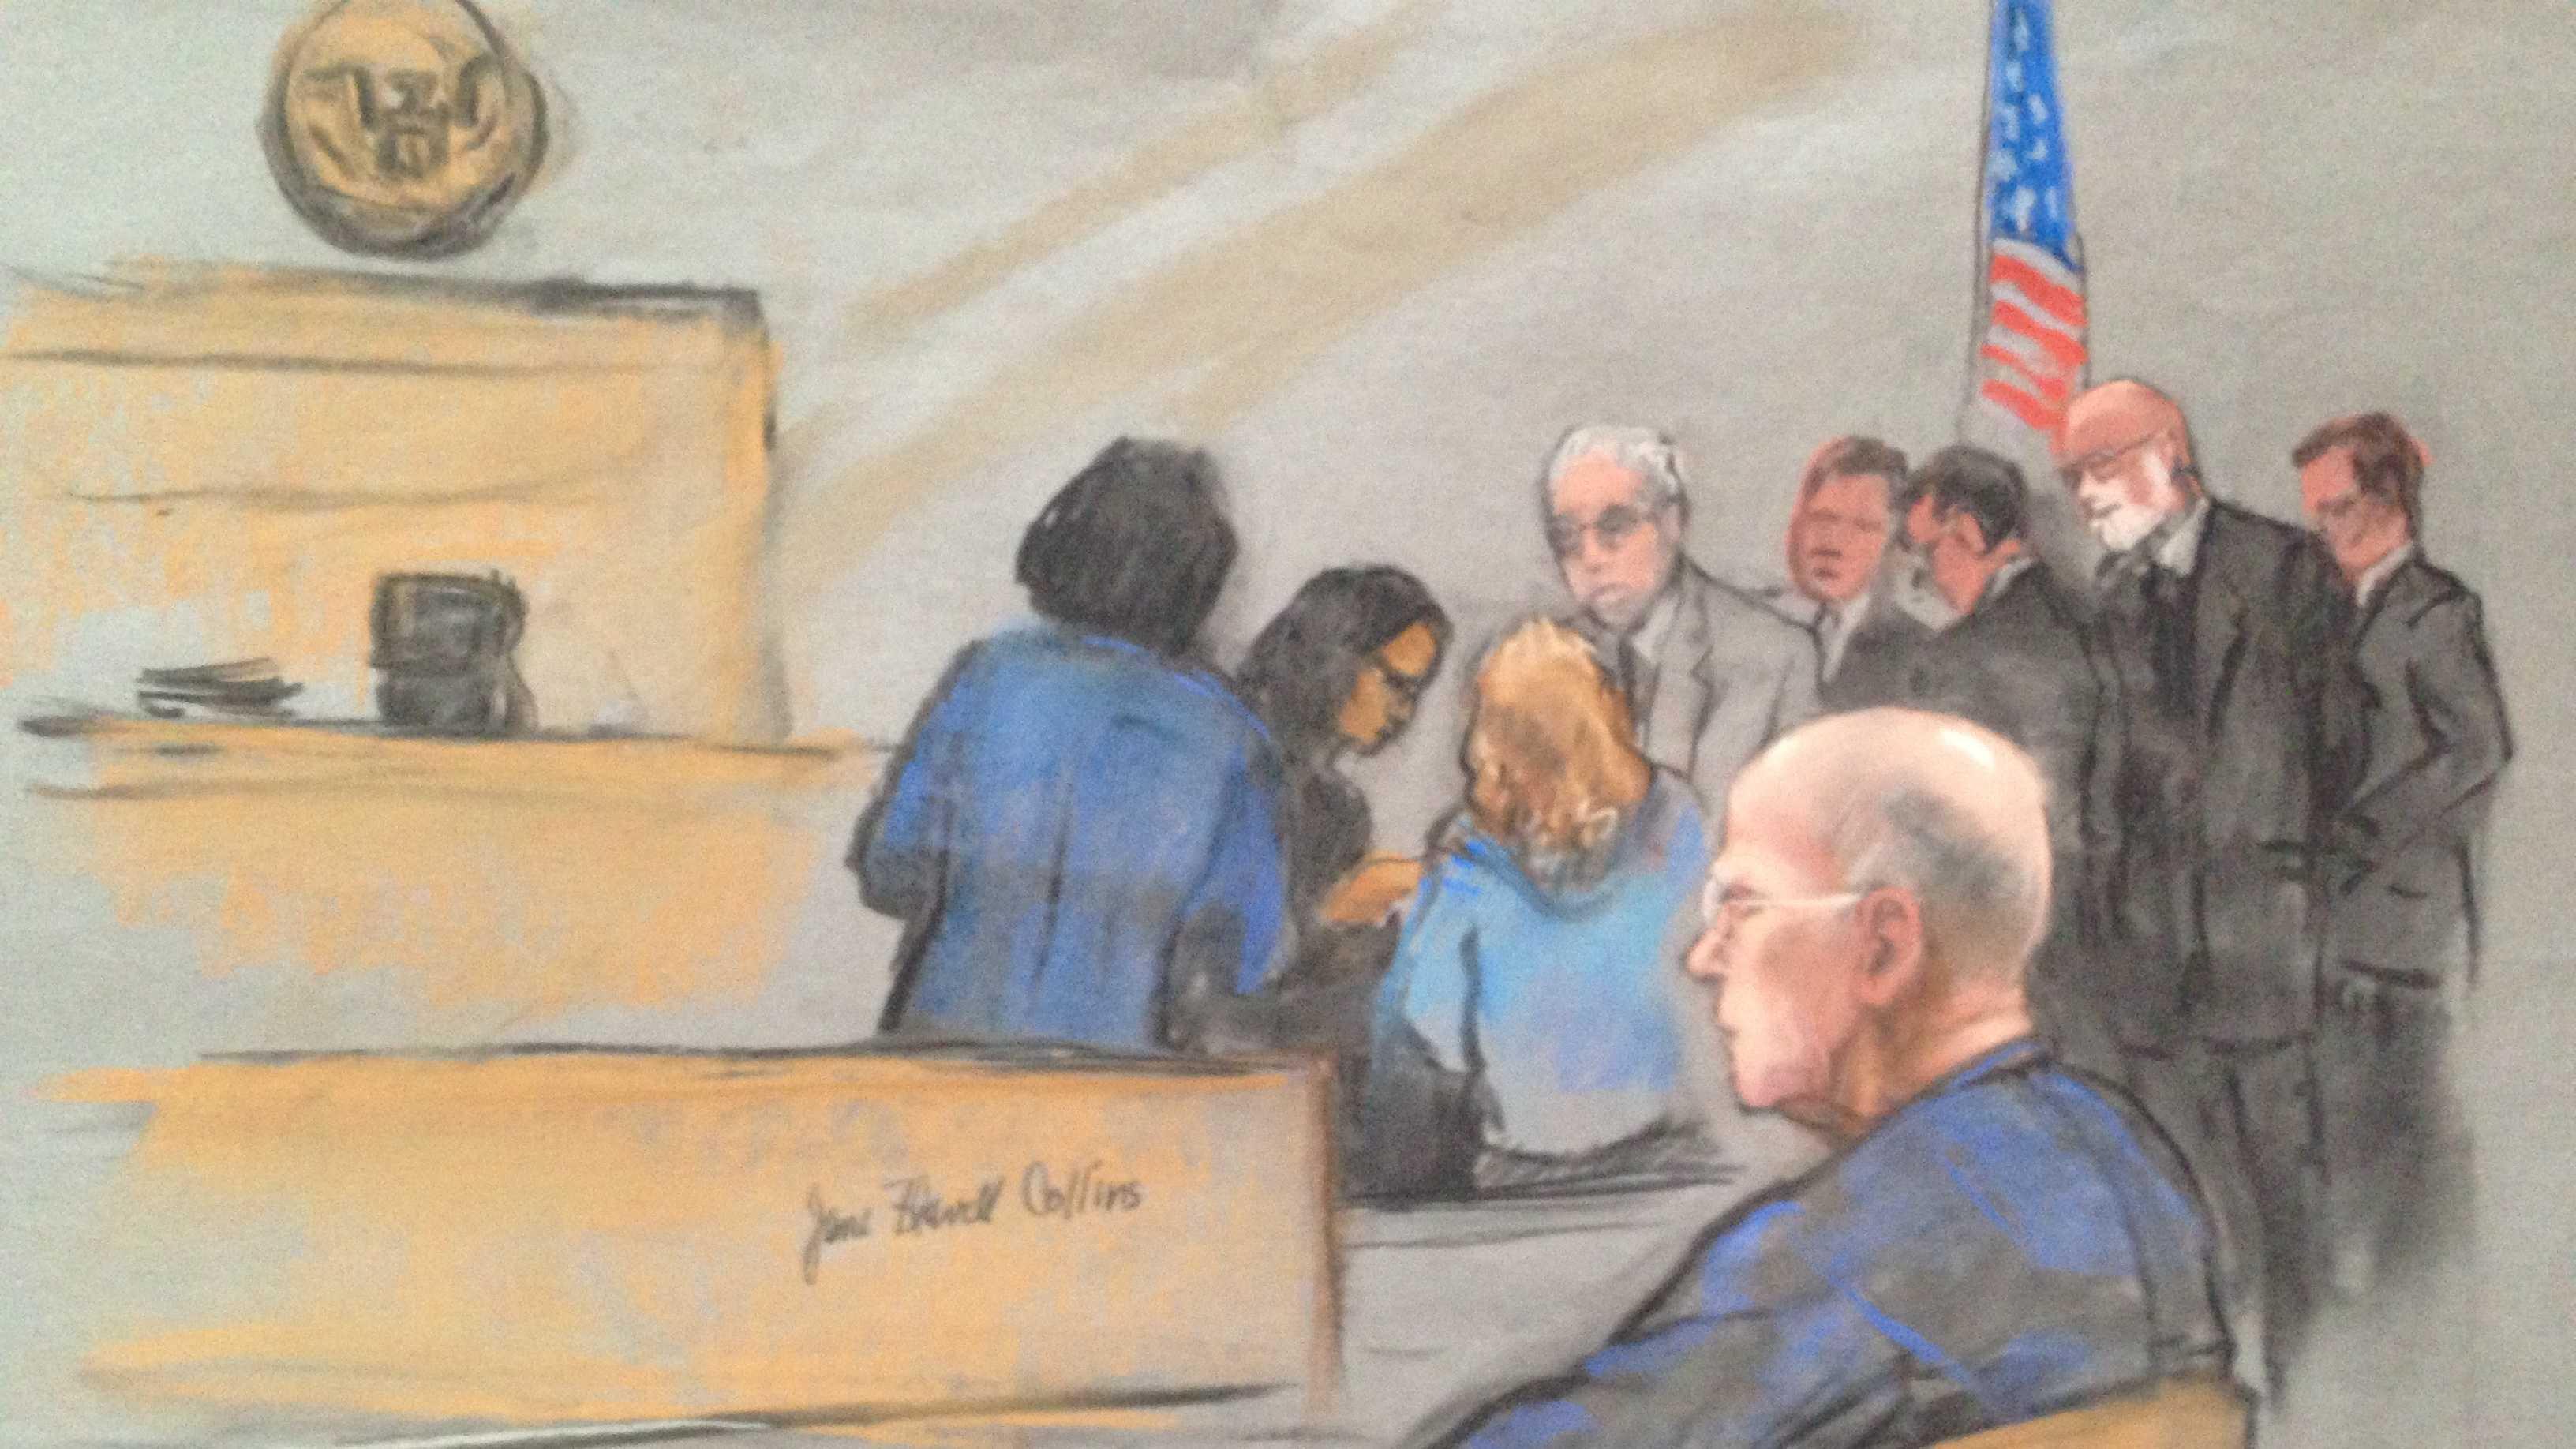 Bulger court sketch 6.11